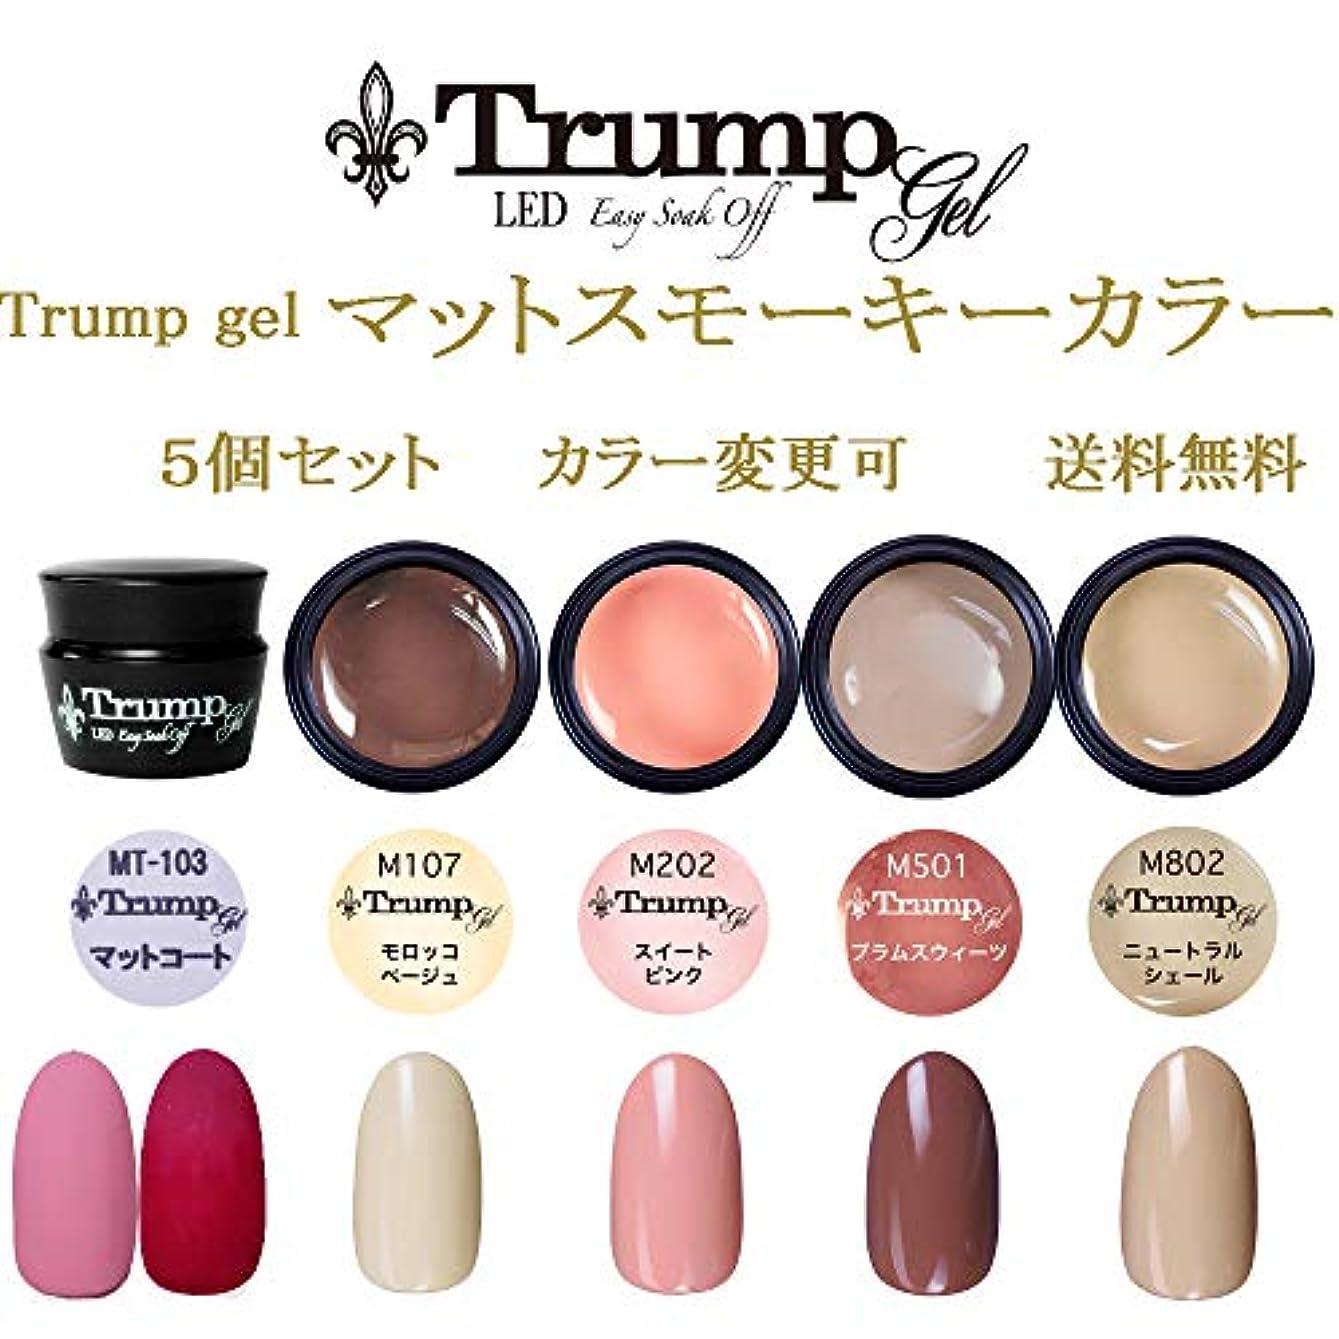 サスティーンフェロー諸島決済【送料無料】Trumpマットスモーキーカラー選べる カラージェル5個セット